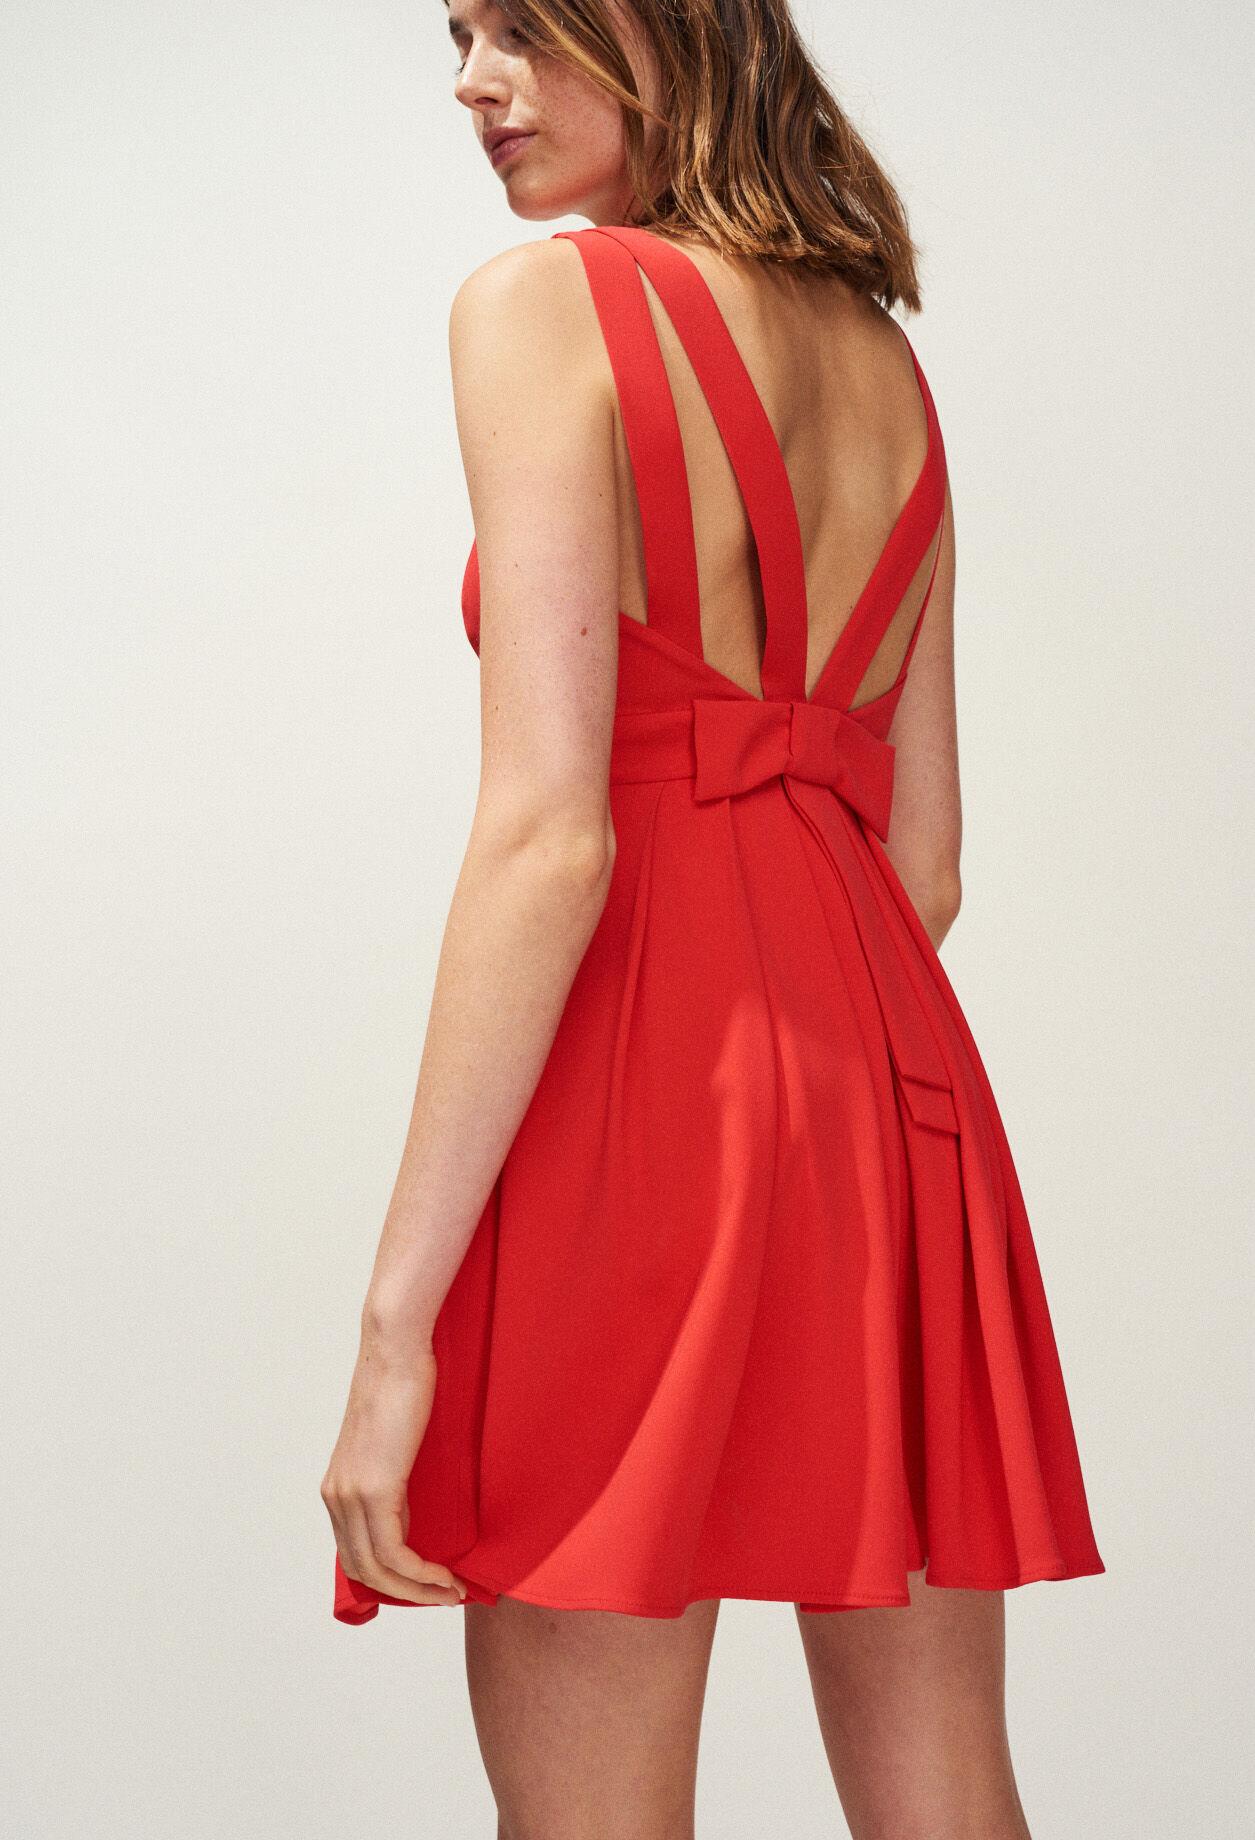 La robe rouge saint montant